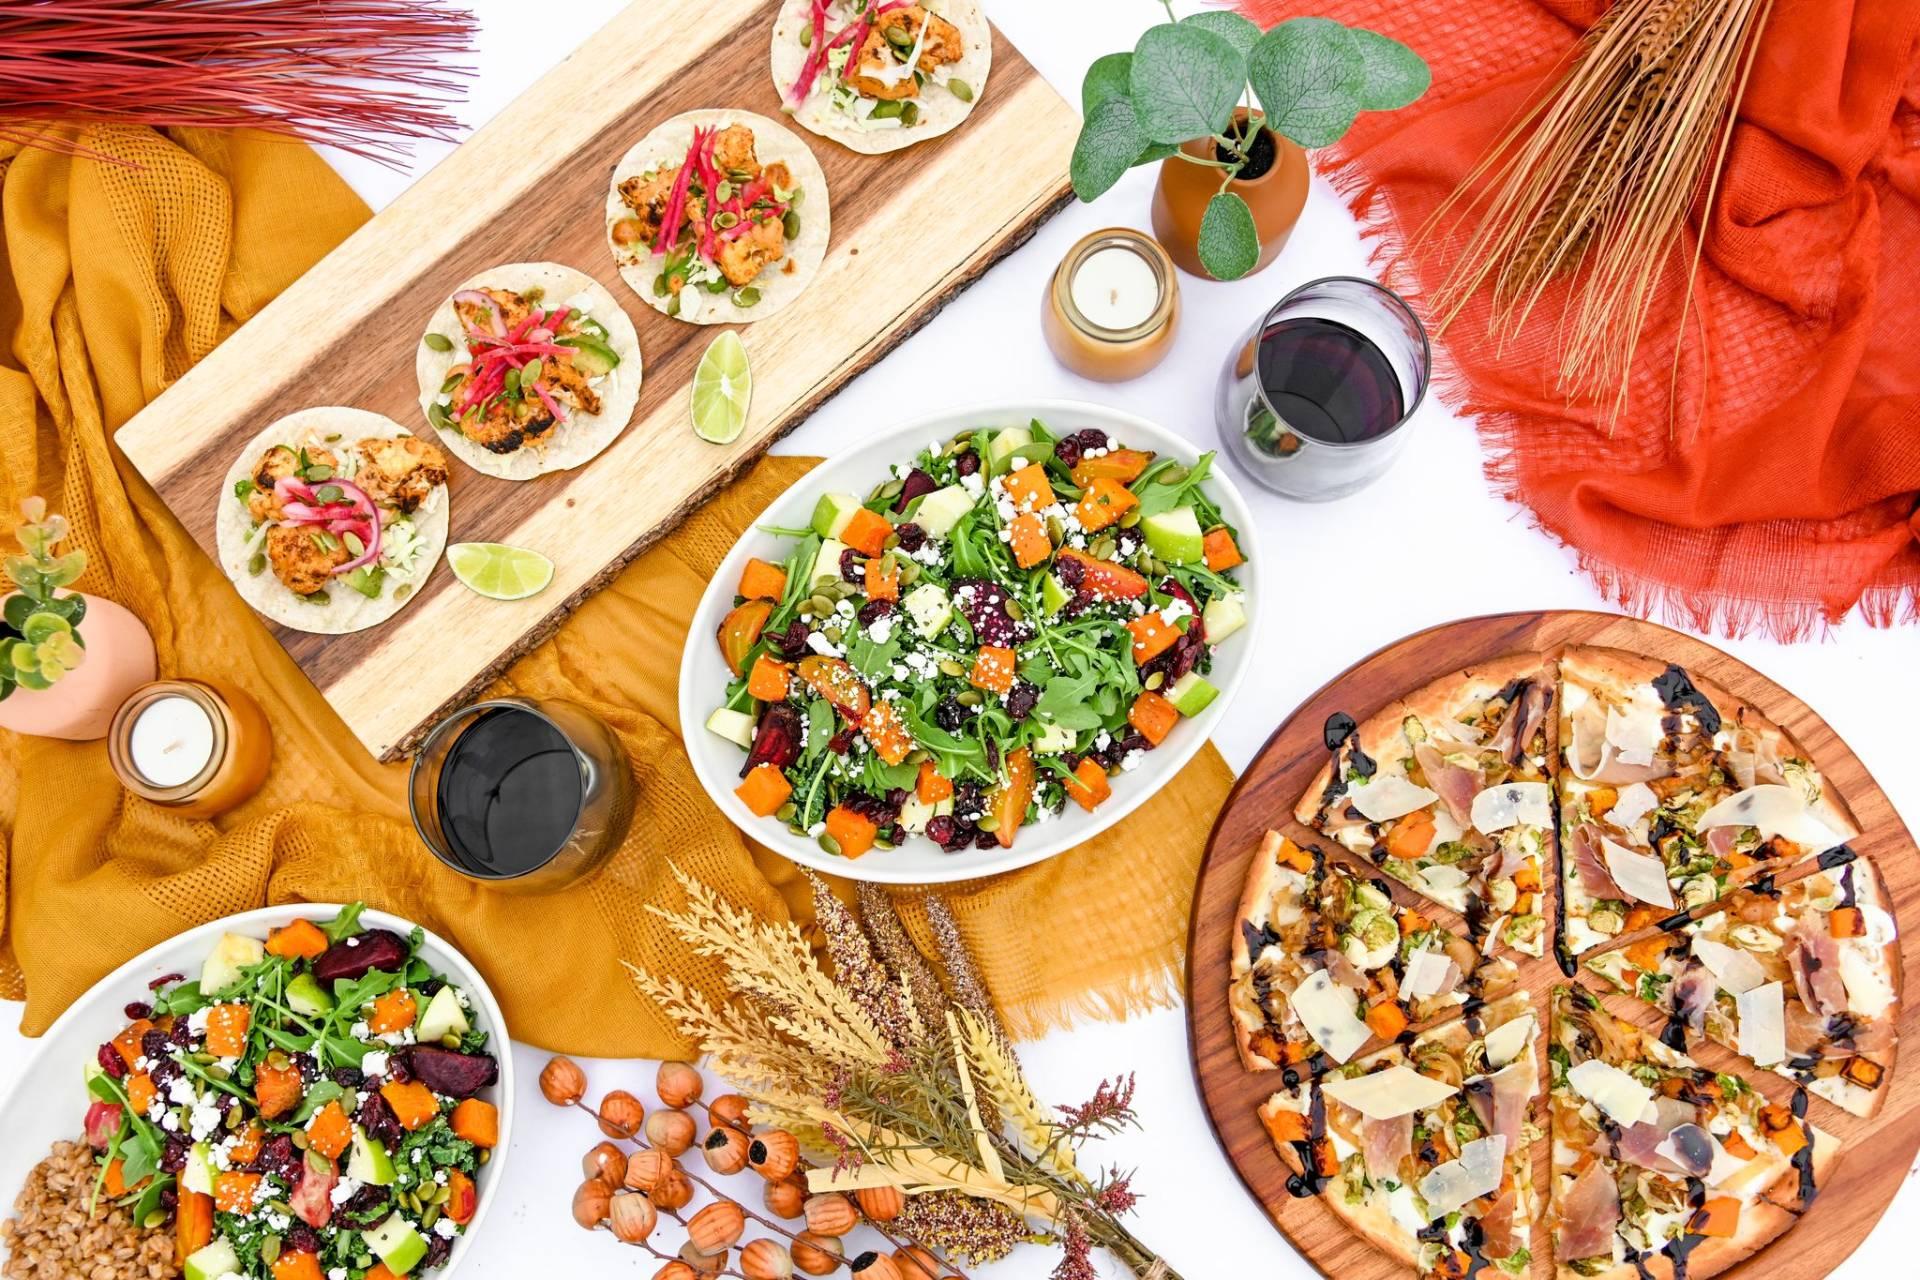 Greenleaf's New Healthy Harvest Menu!